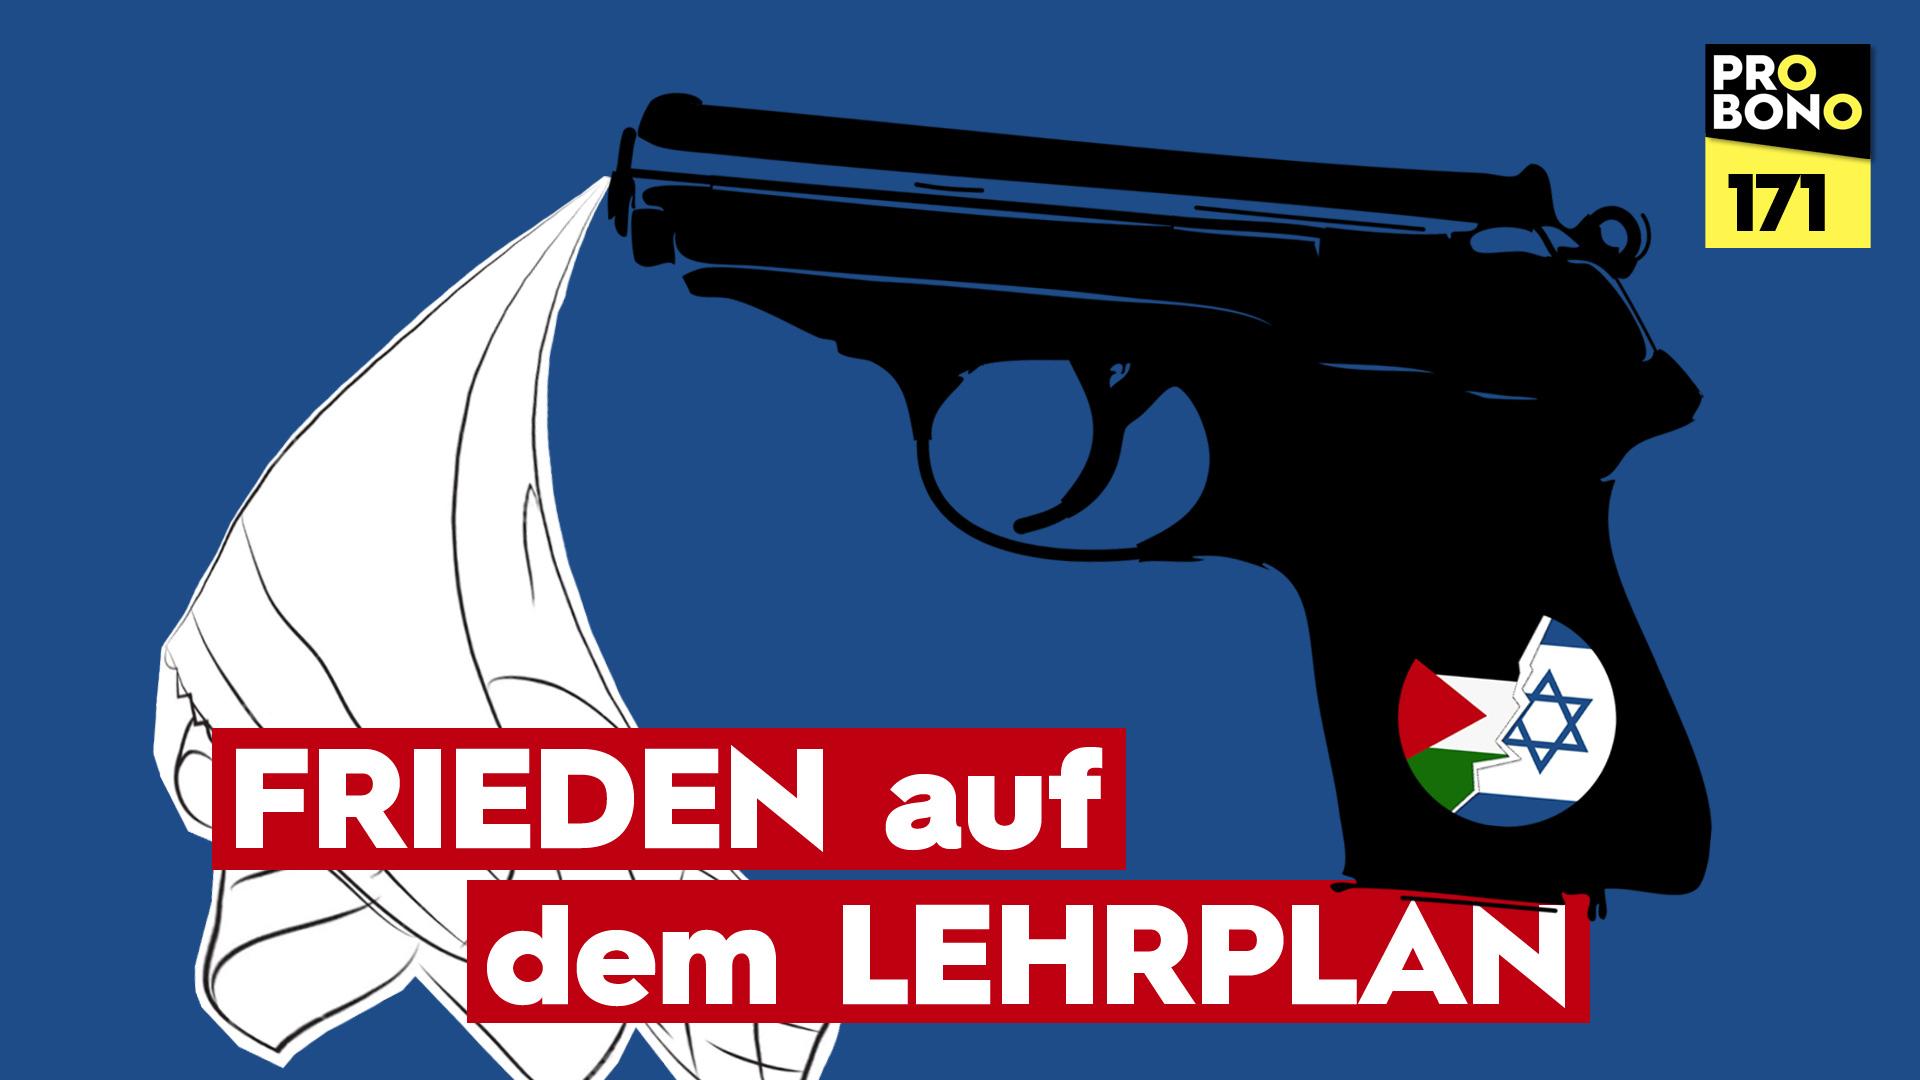 Israel – Frieden auf dem Lehrplan (probono Magazin)